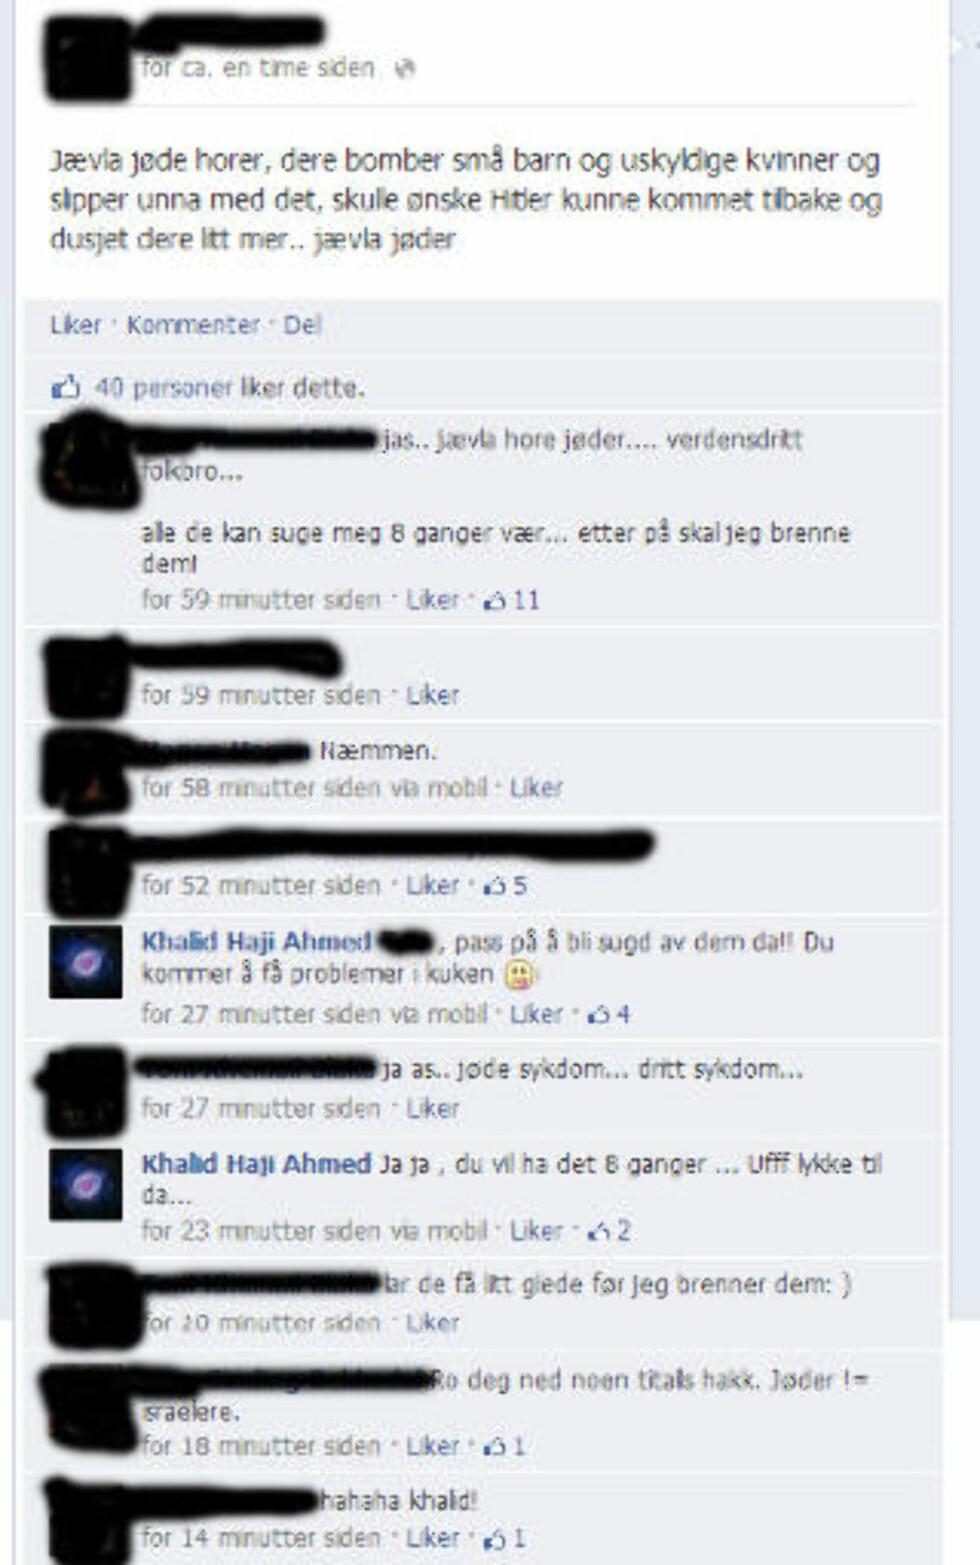 SAMTALEN: Slik utartet samtalen seg på Facebook. Foto: Skjermdump